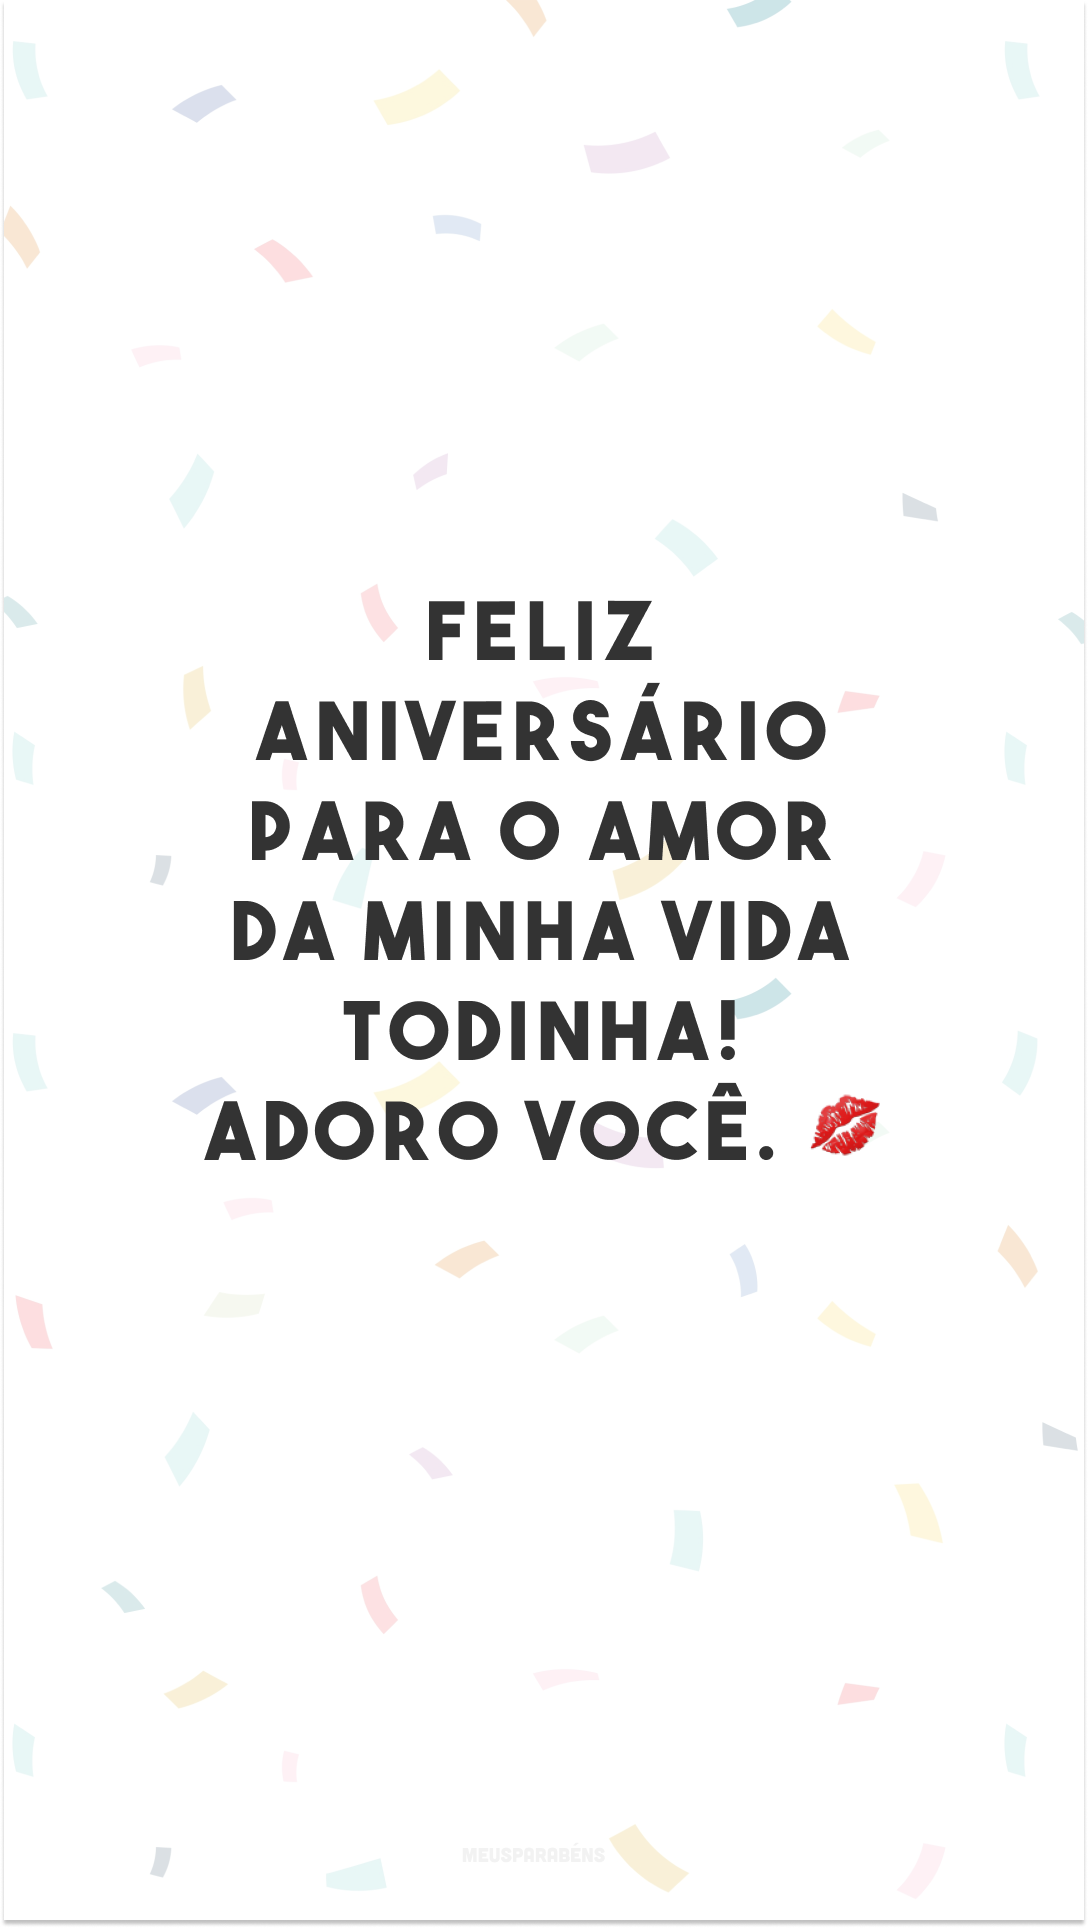 Feliz aniversário para o amor da minha vida todinha! Adoro você. ?